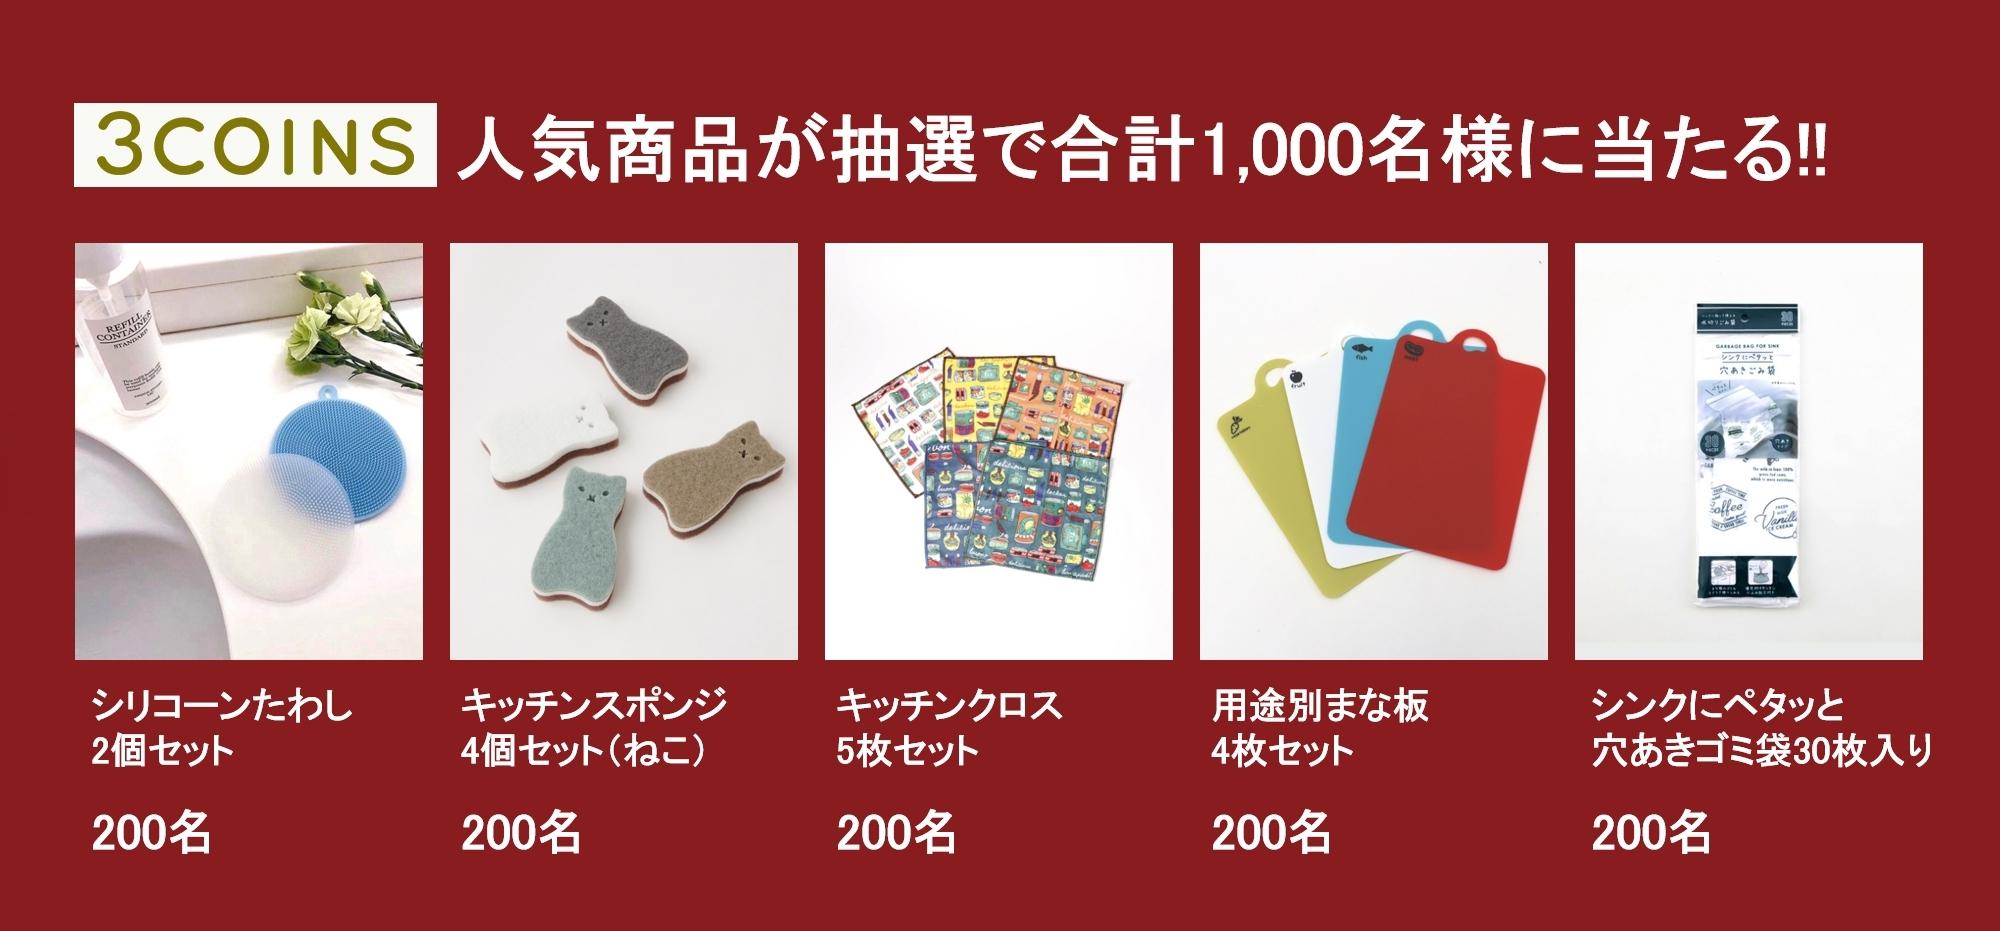 300円均一の3COINSでキッチン雑貨が抽選で1000名に当たる。~2/19。